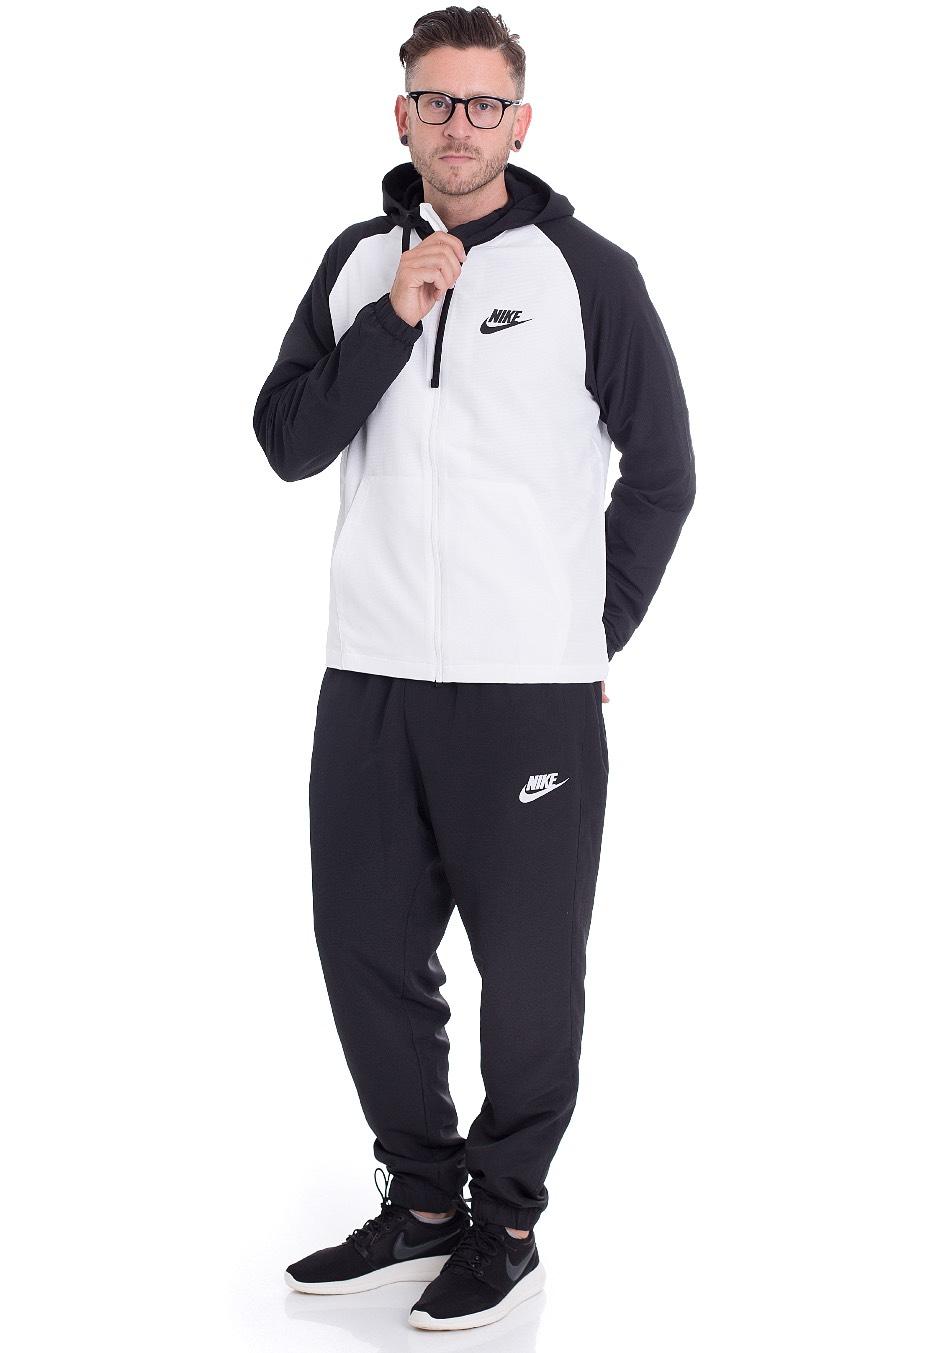 d5c64281cff6 Nike - Sportswear Black White - Tracksuit - Streetwear Shop - Impericon.com  UK